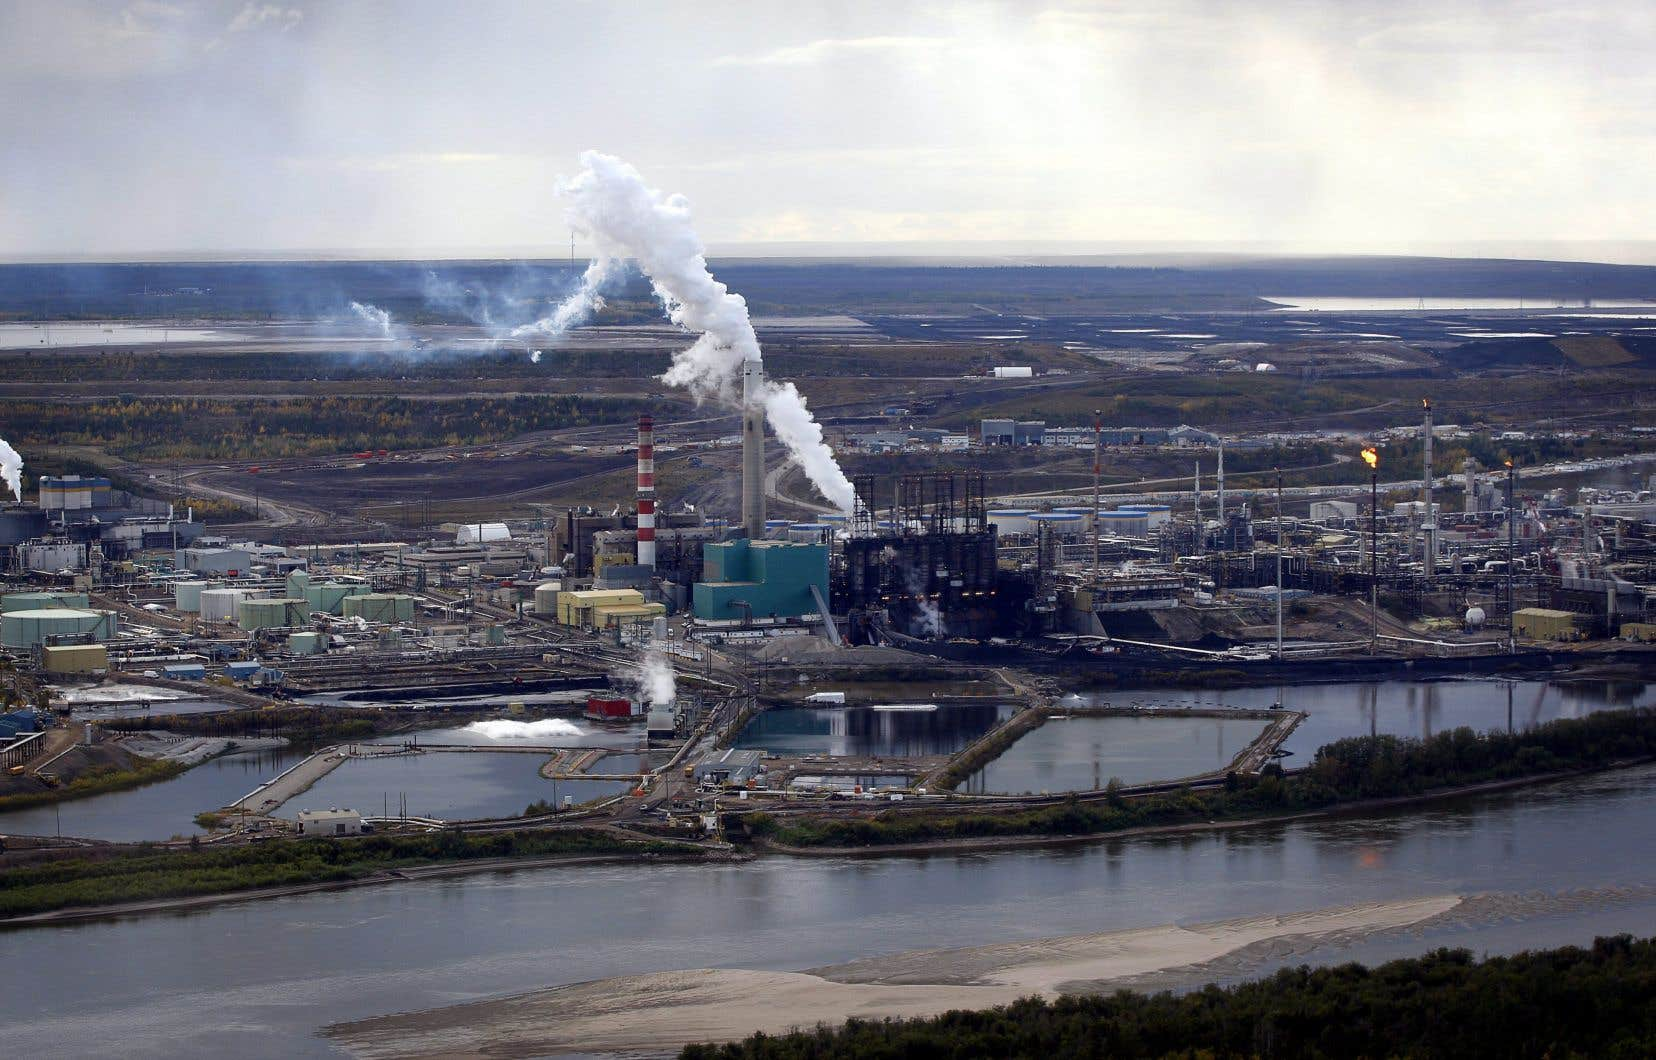 Au cours de la prochaine année, l'agence s'emploiera à mettre au point une évaluation complète des émissions de carbone provenant de ses investissements.